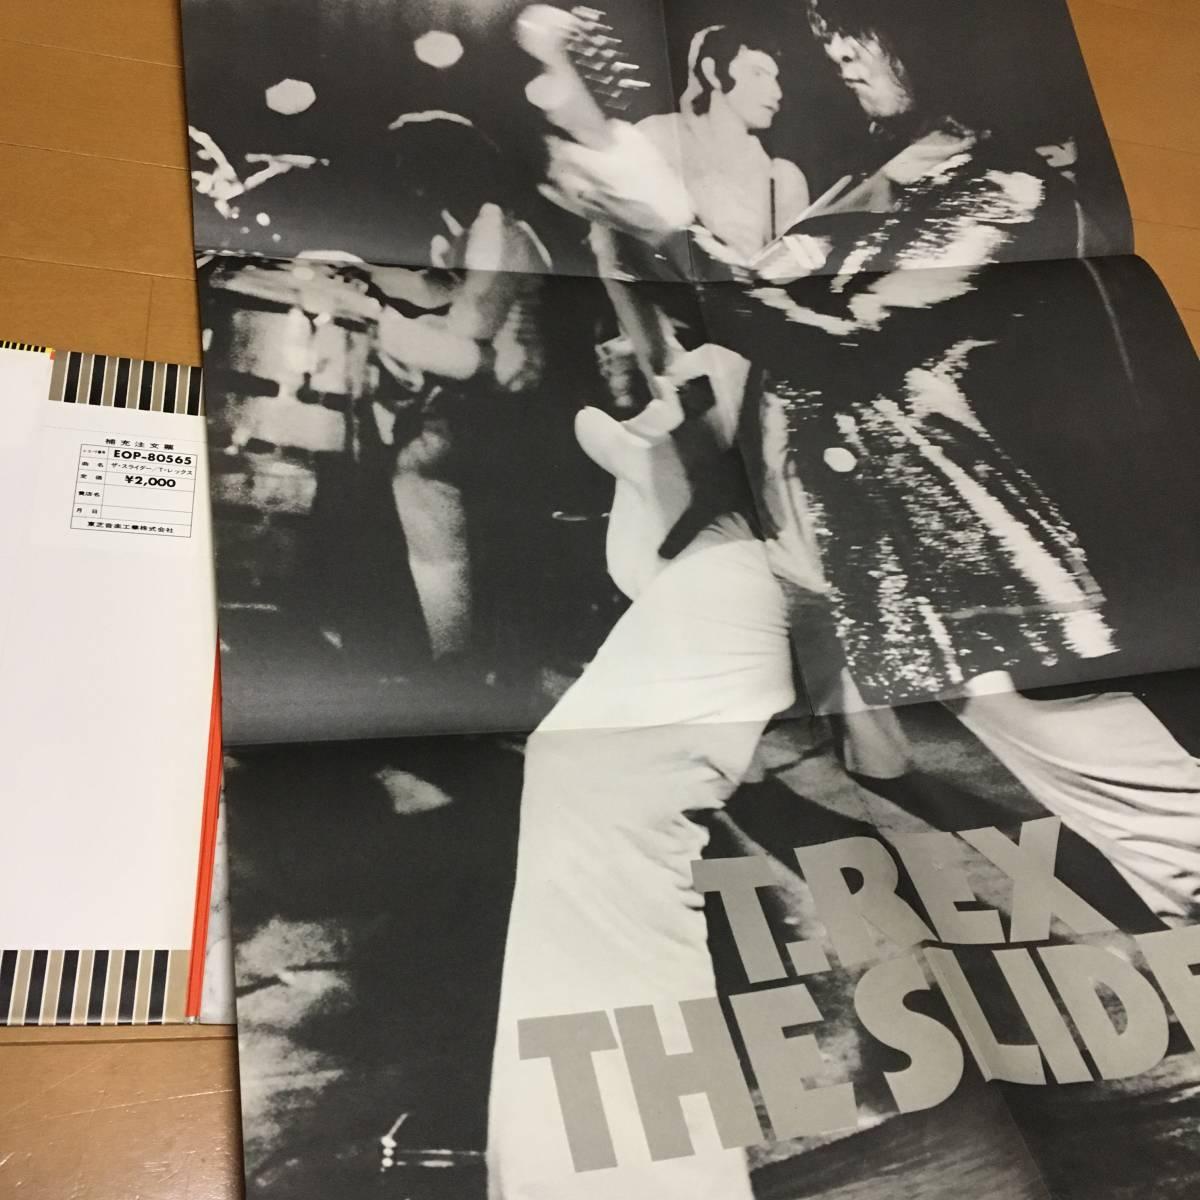 T.レックス ザ・スライダー ポスター付_画像2